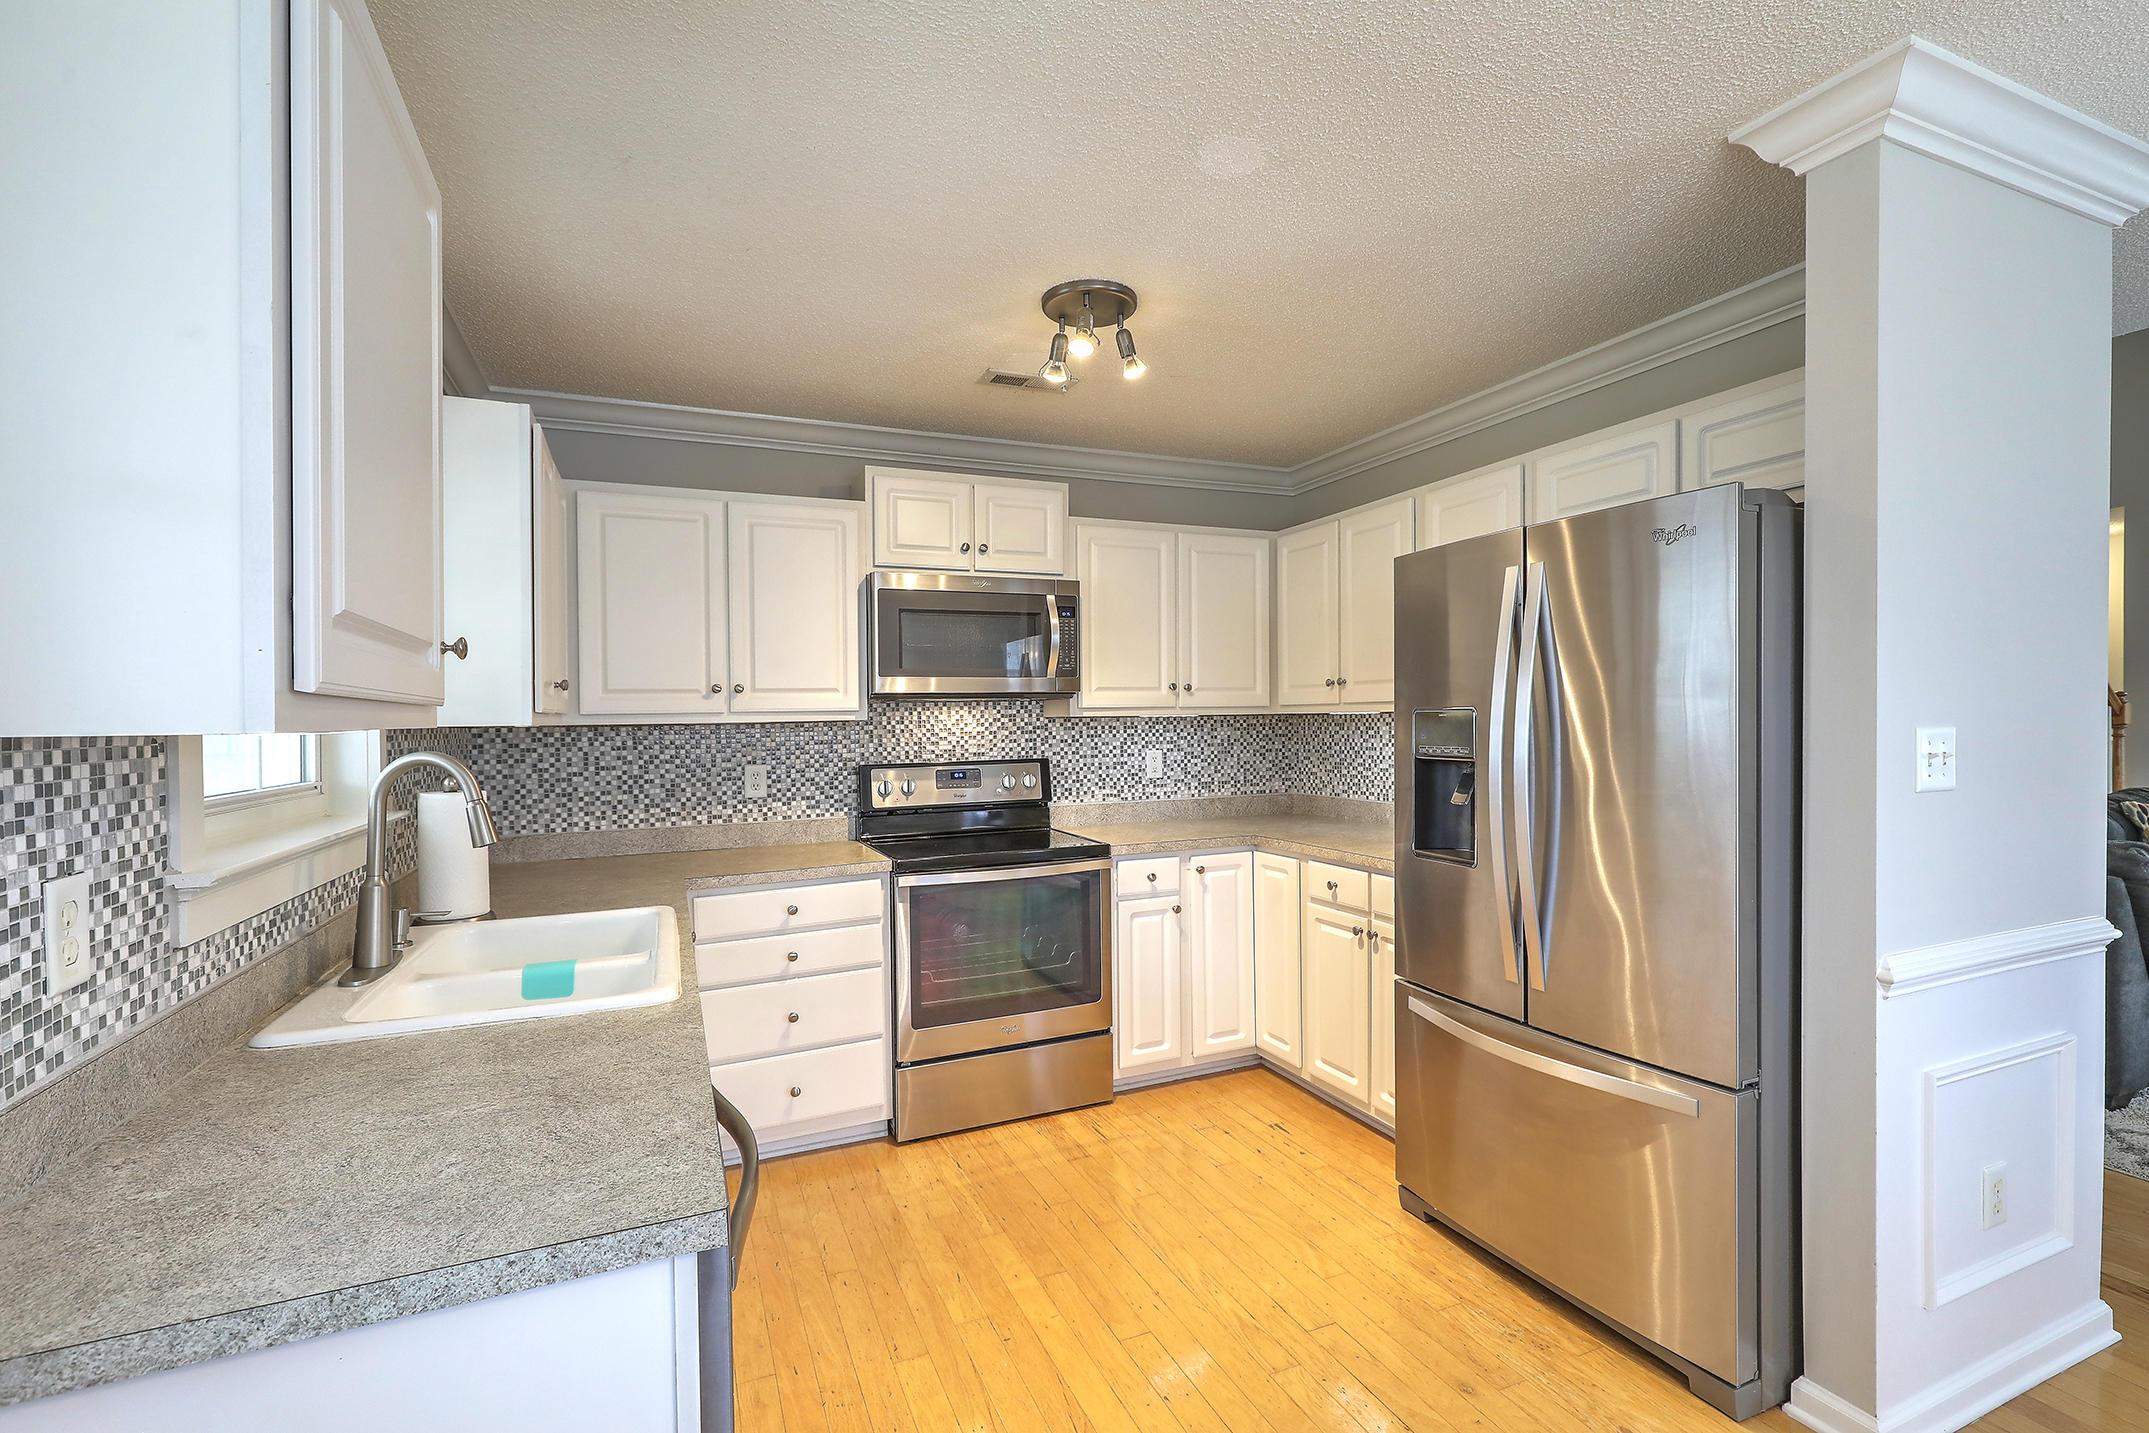 Lawton Harbor Homes For Sale - 559 Cecilia Cove, Charleston, SC - 9